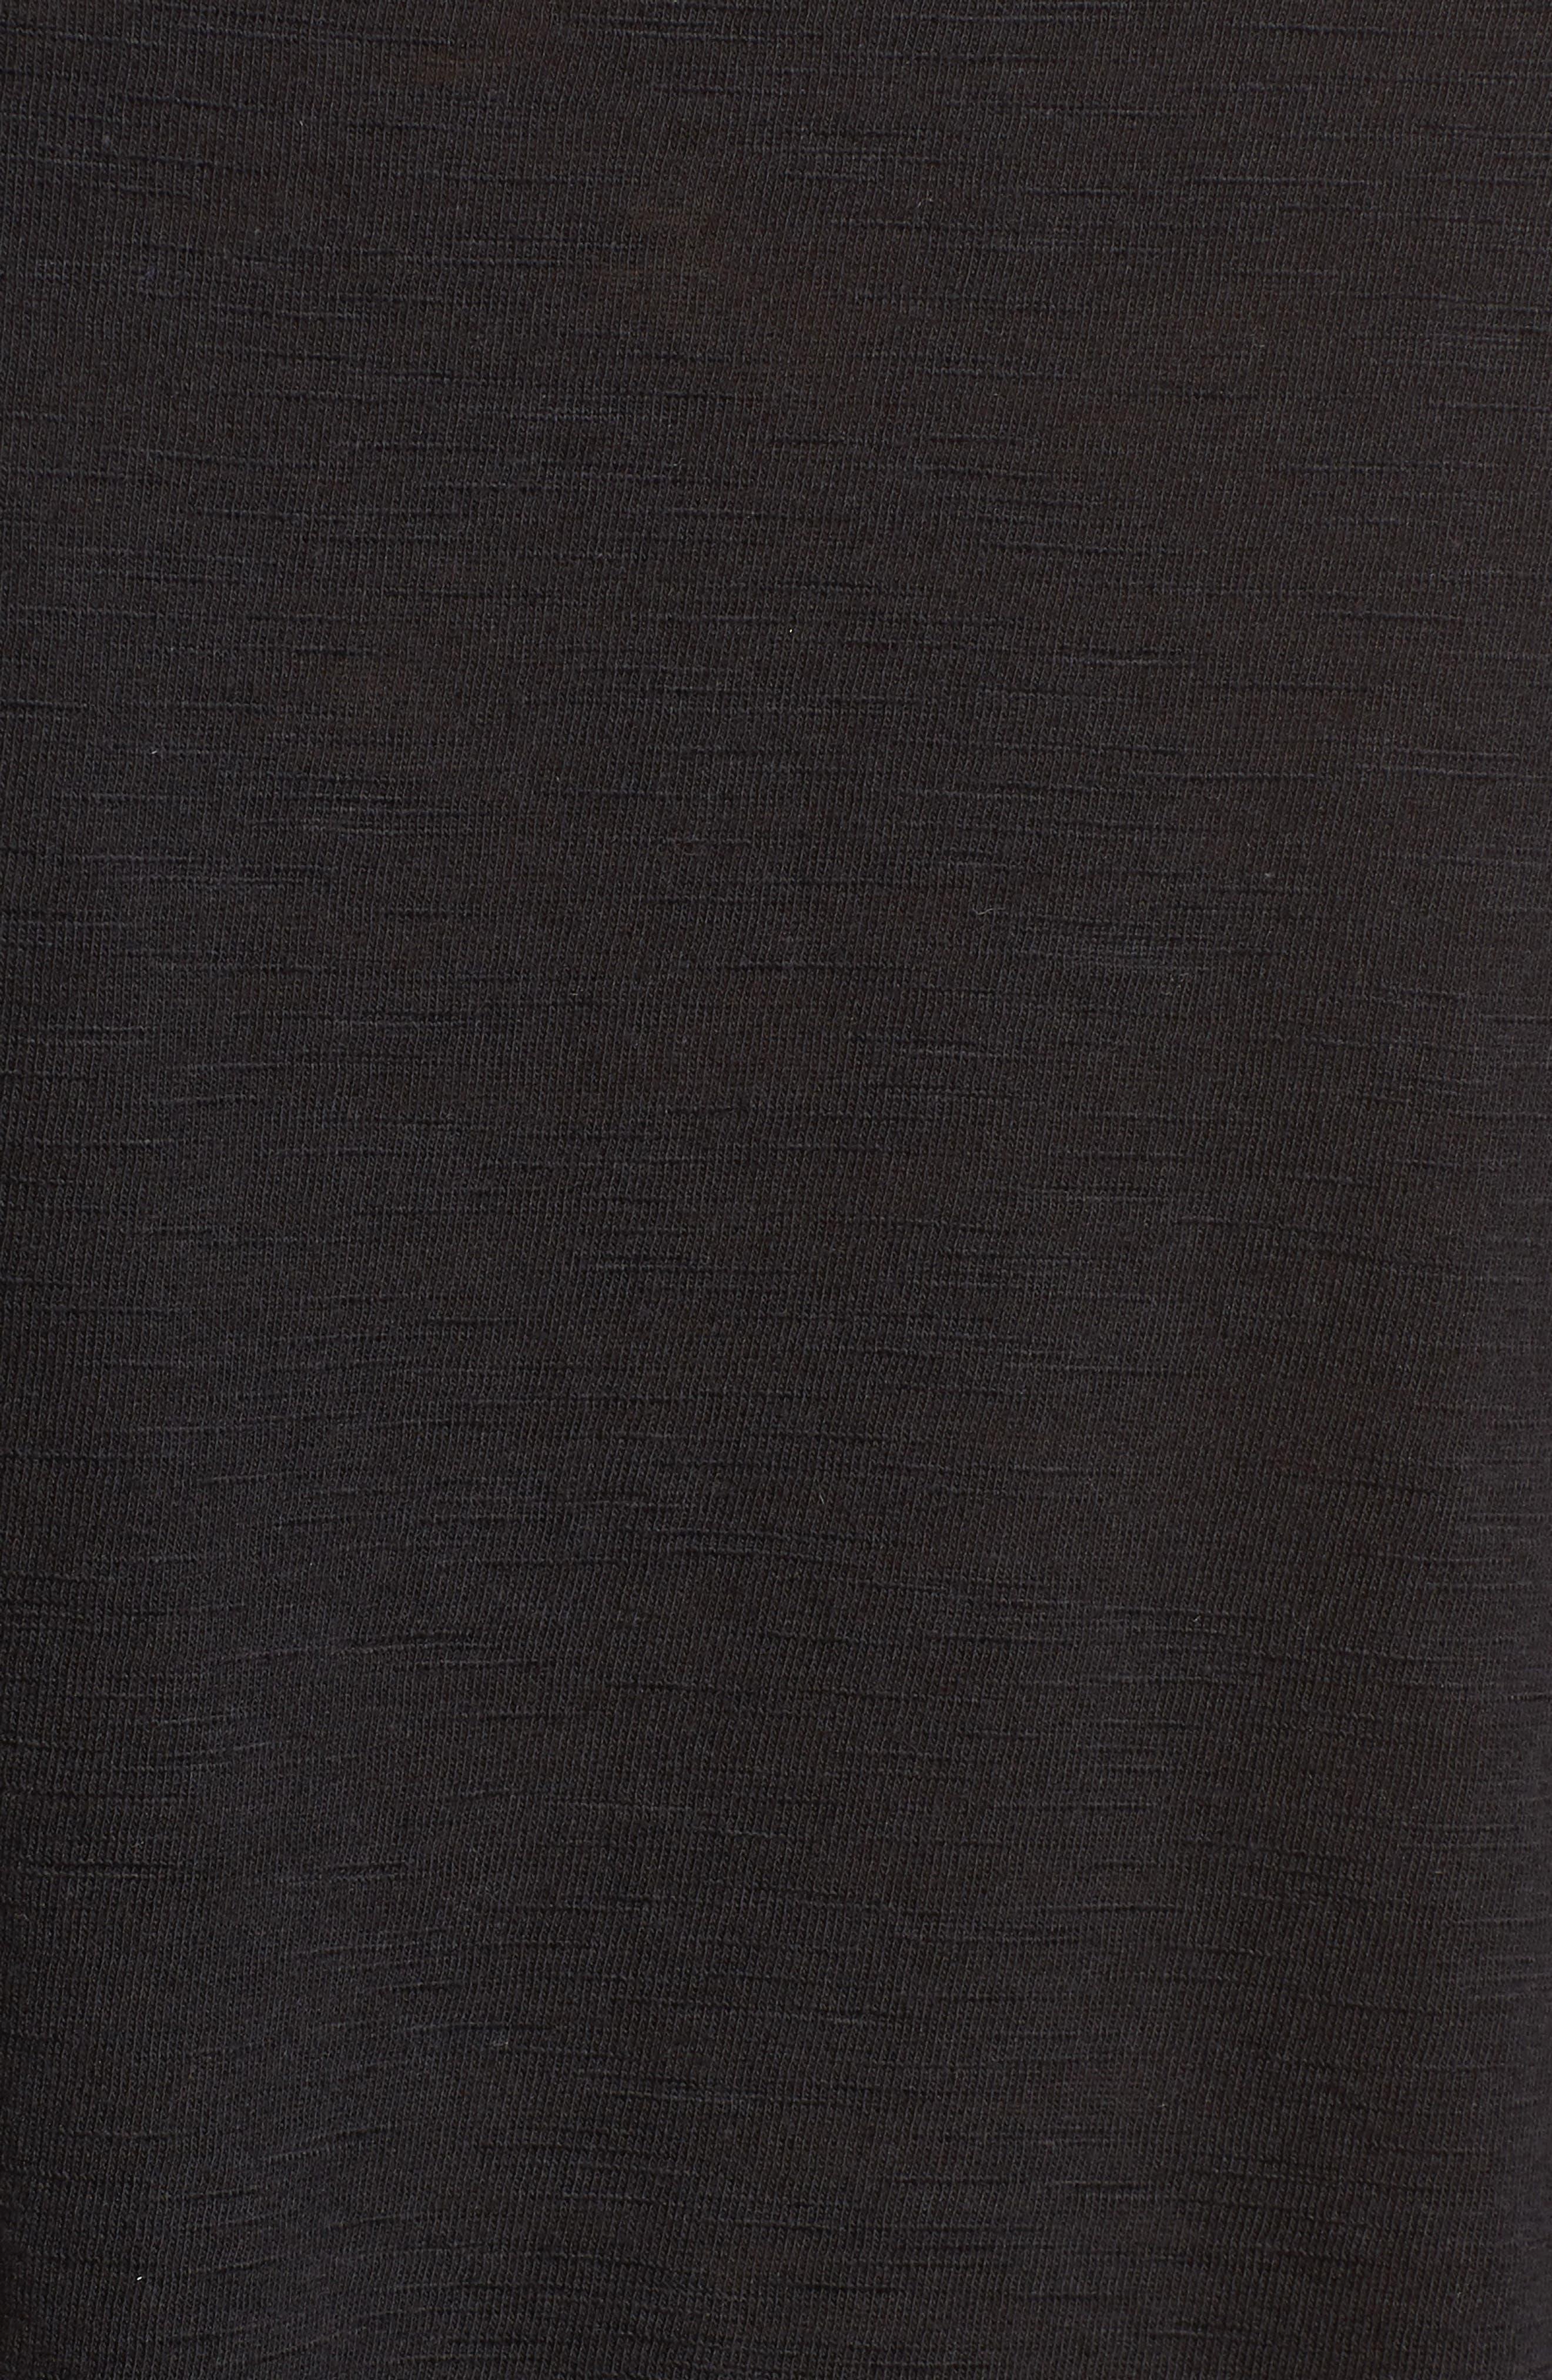 Lace Hem Tank,                             Alternate thumbnail 6, color,                             Black